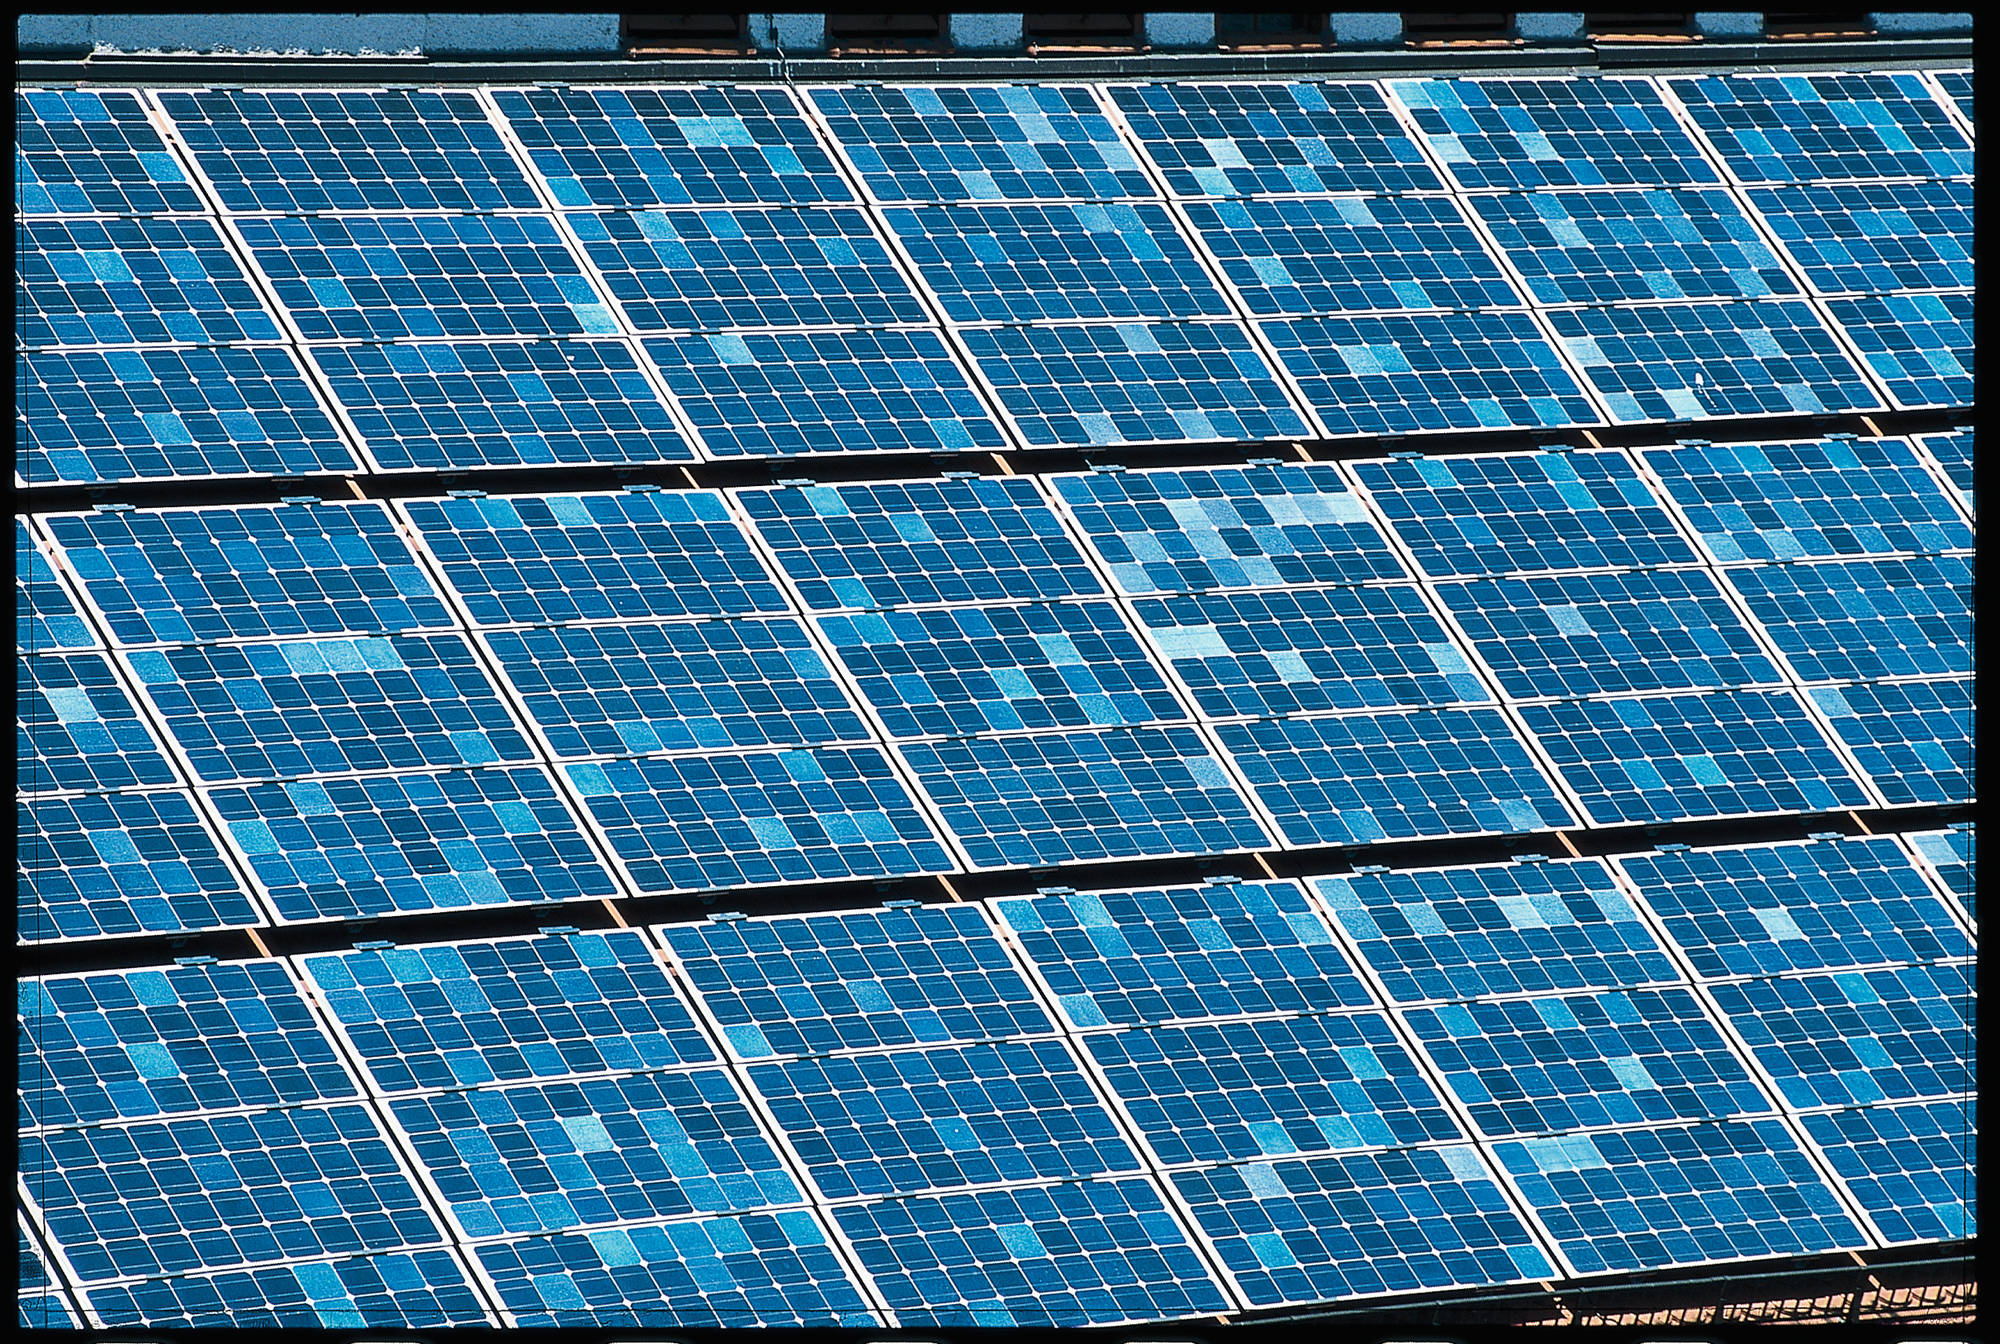 Flexibilierung, Energiewende, Energiewirtschaft, Solaranlage